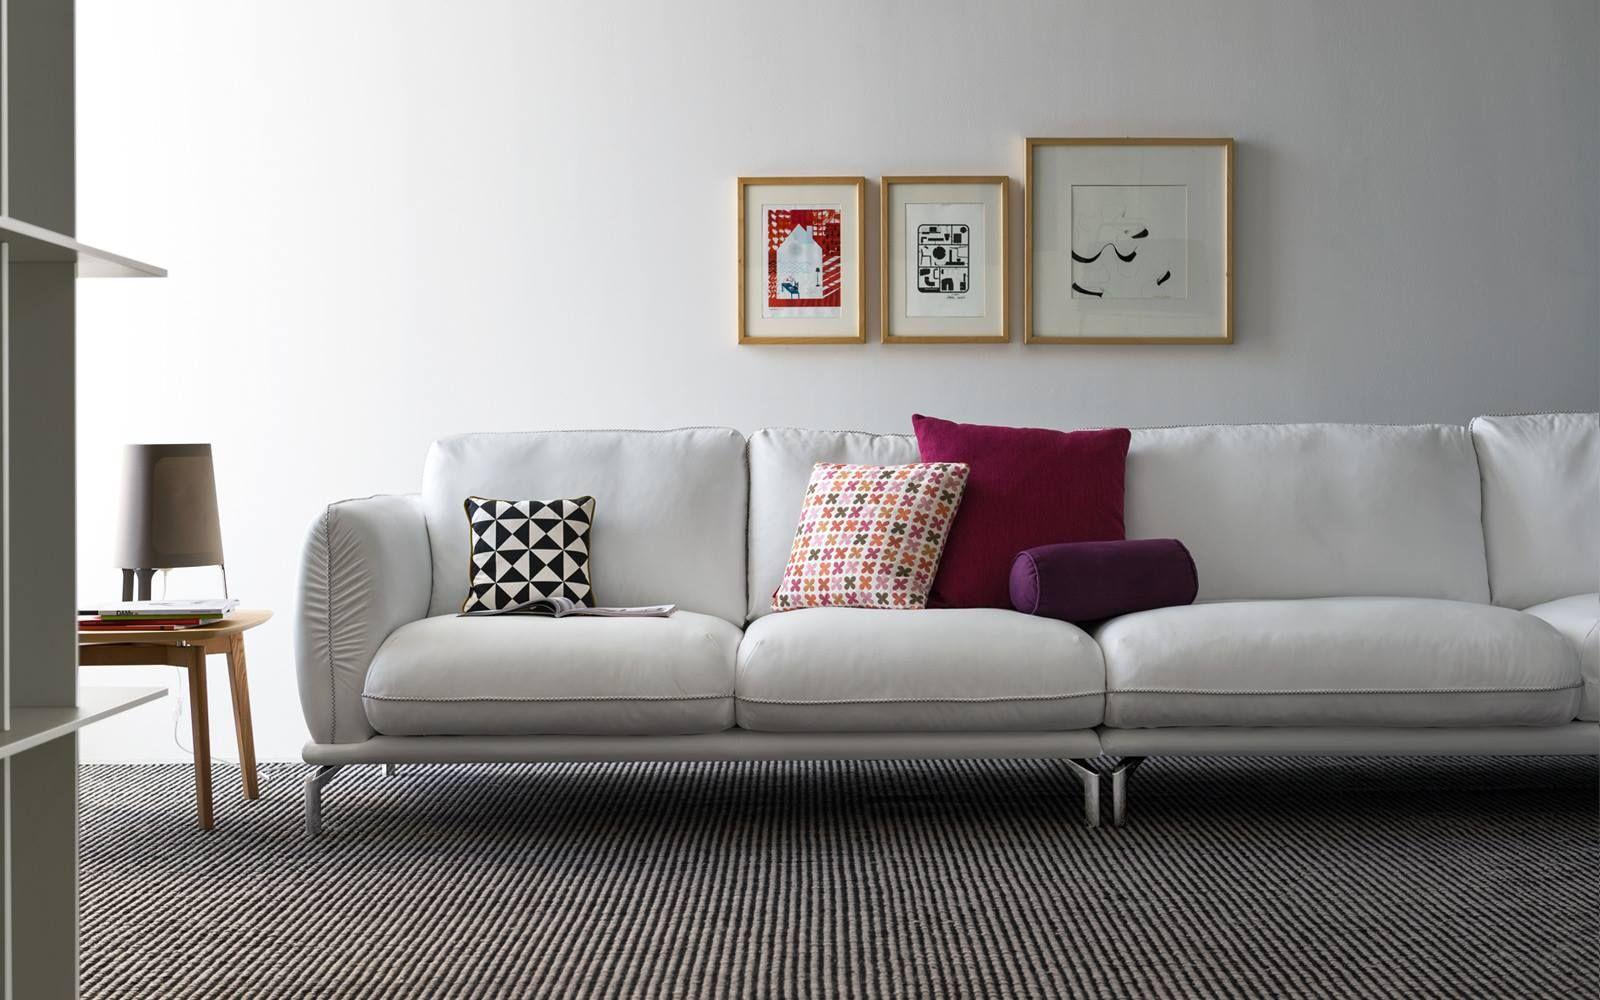 Calligaris supersoft divani mobili cagliari prezzi e offerte